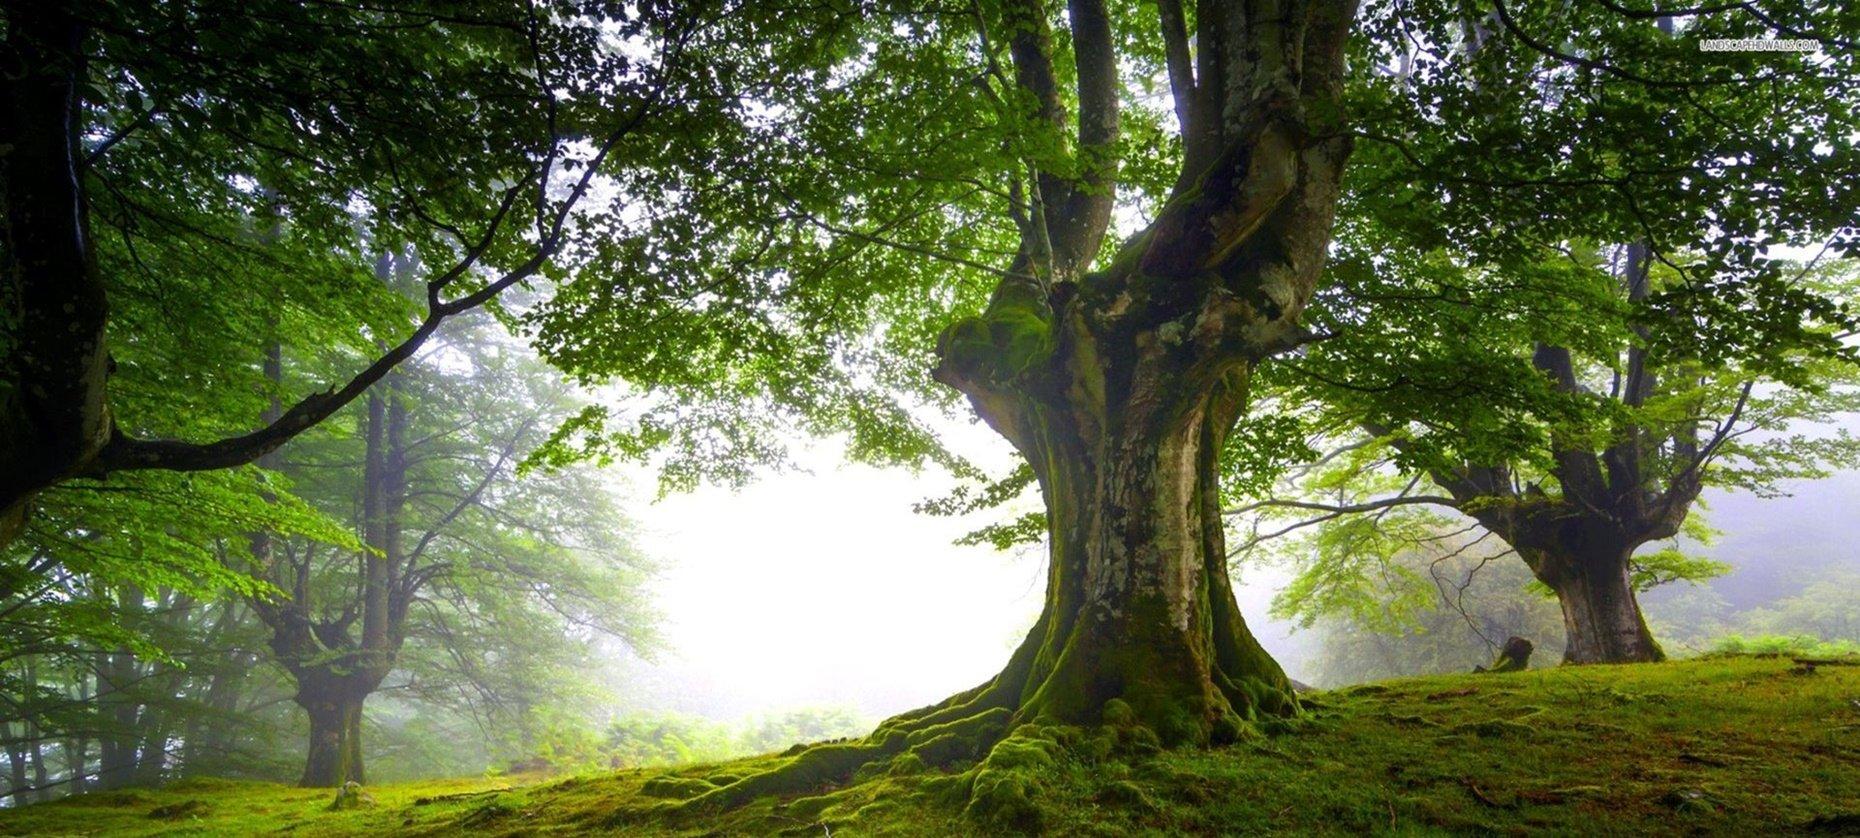 30 Frases Sobre O Dia Da árvore Para Postar Nas Redes Sociais